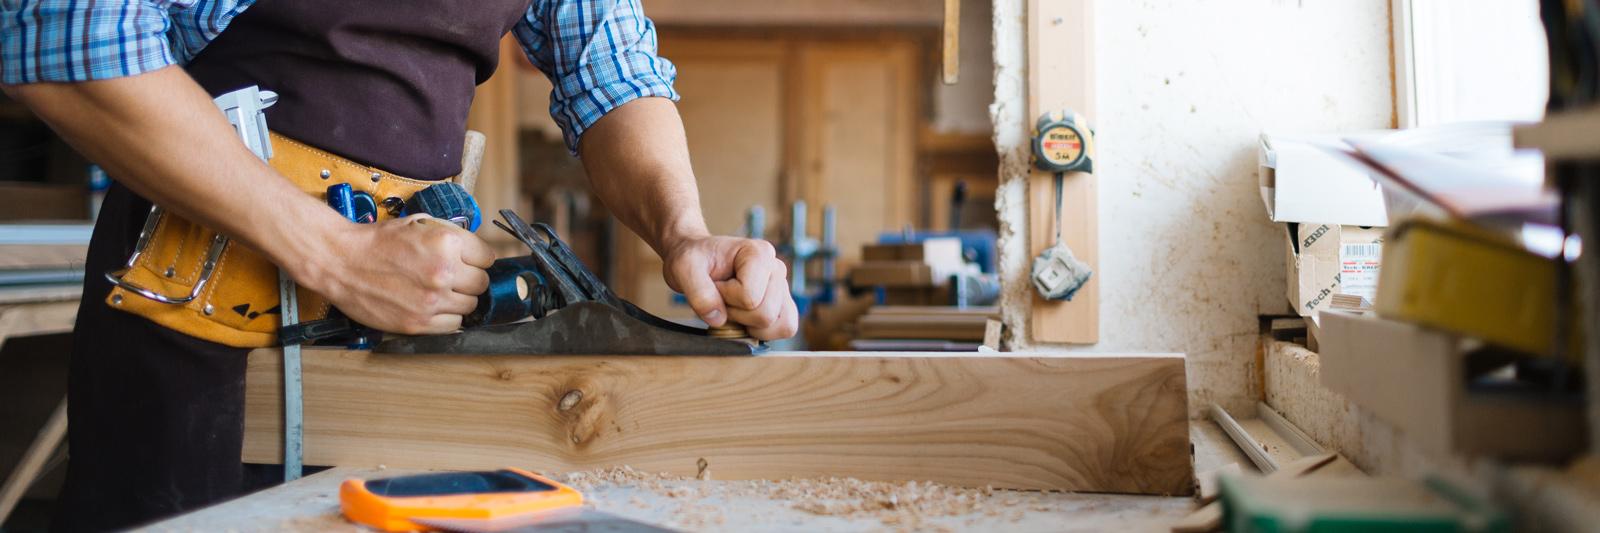 Termíny vyrábění nábytku | Ressed